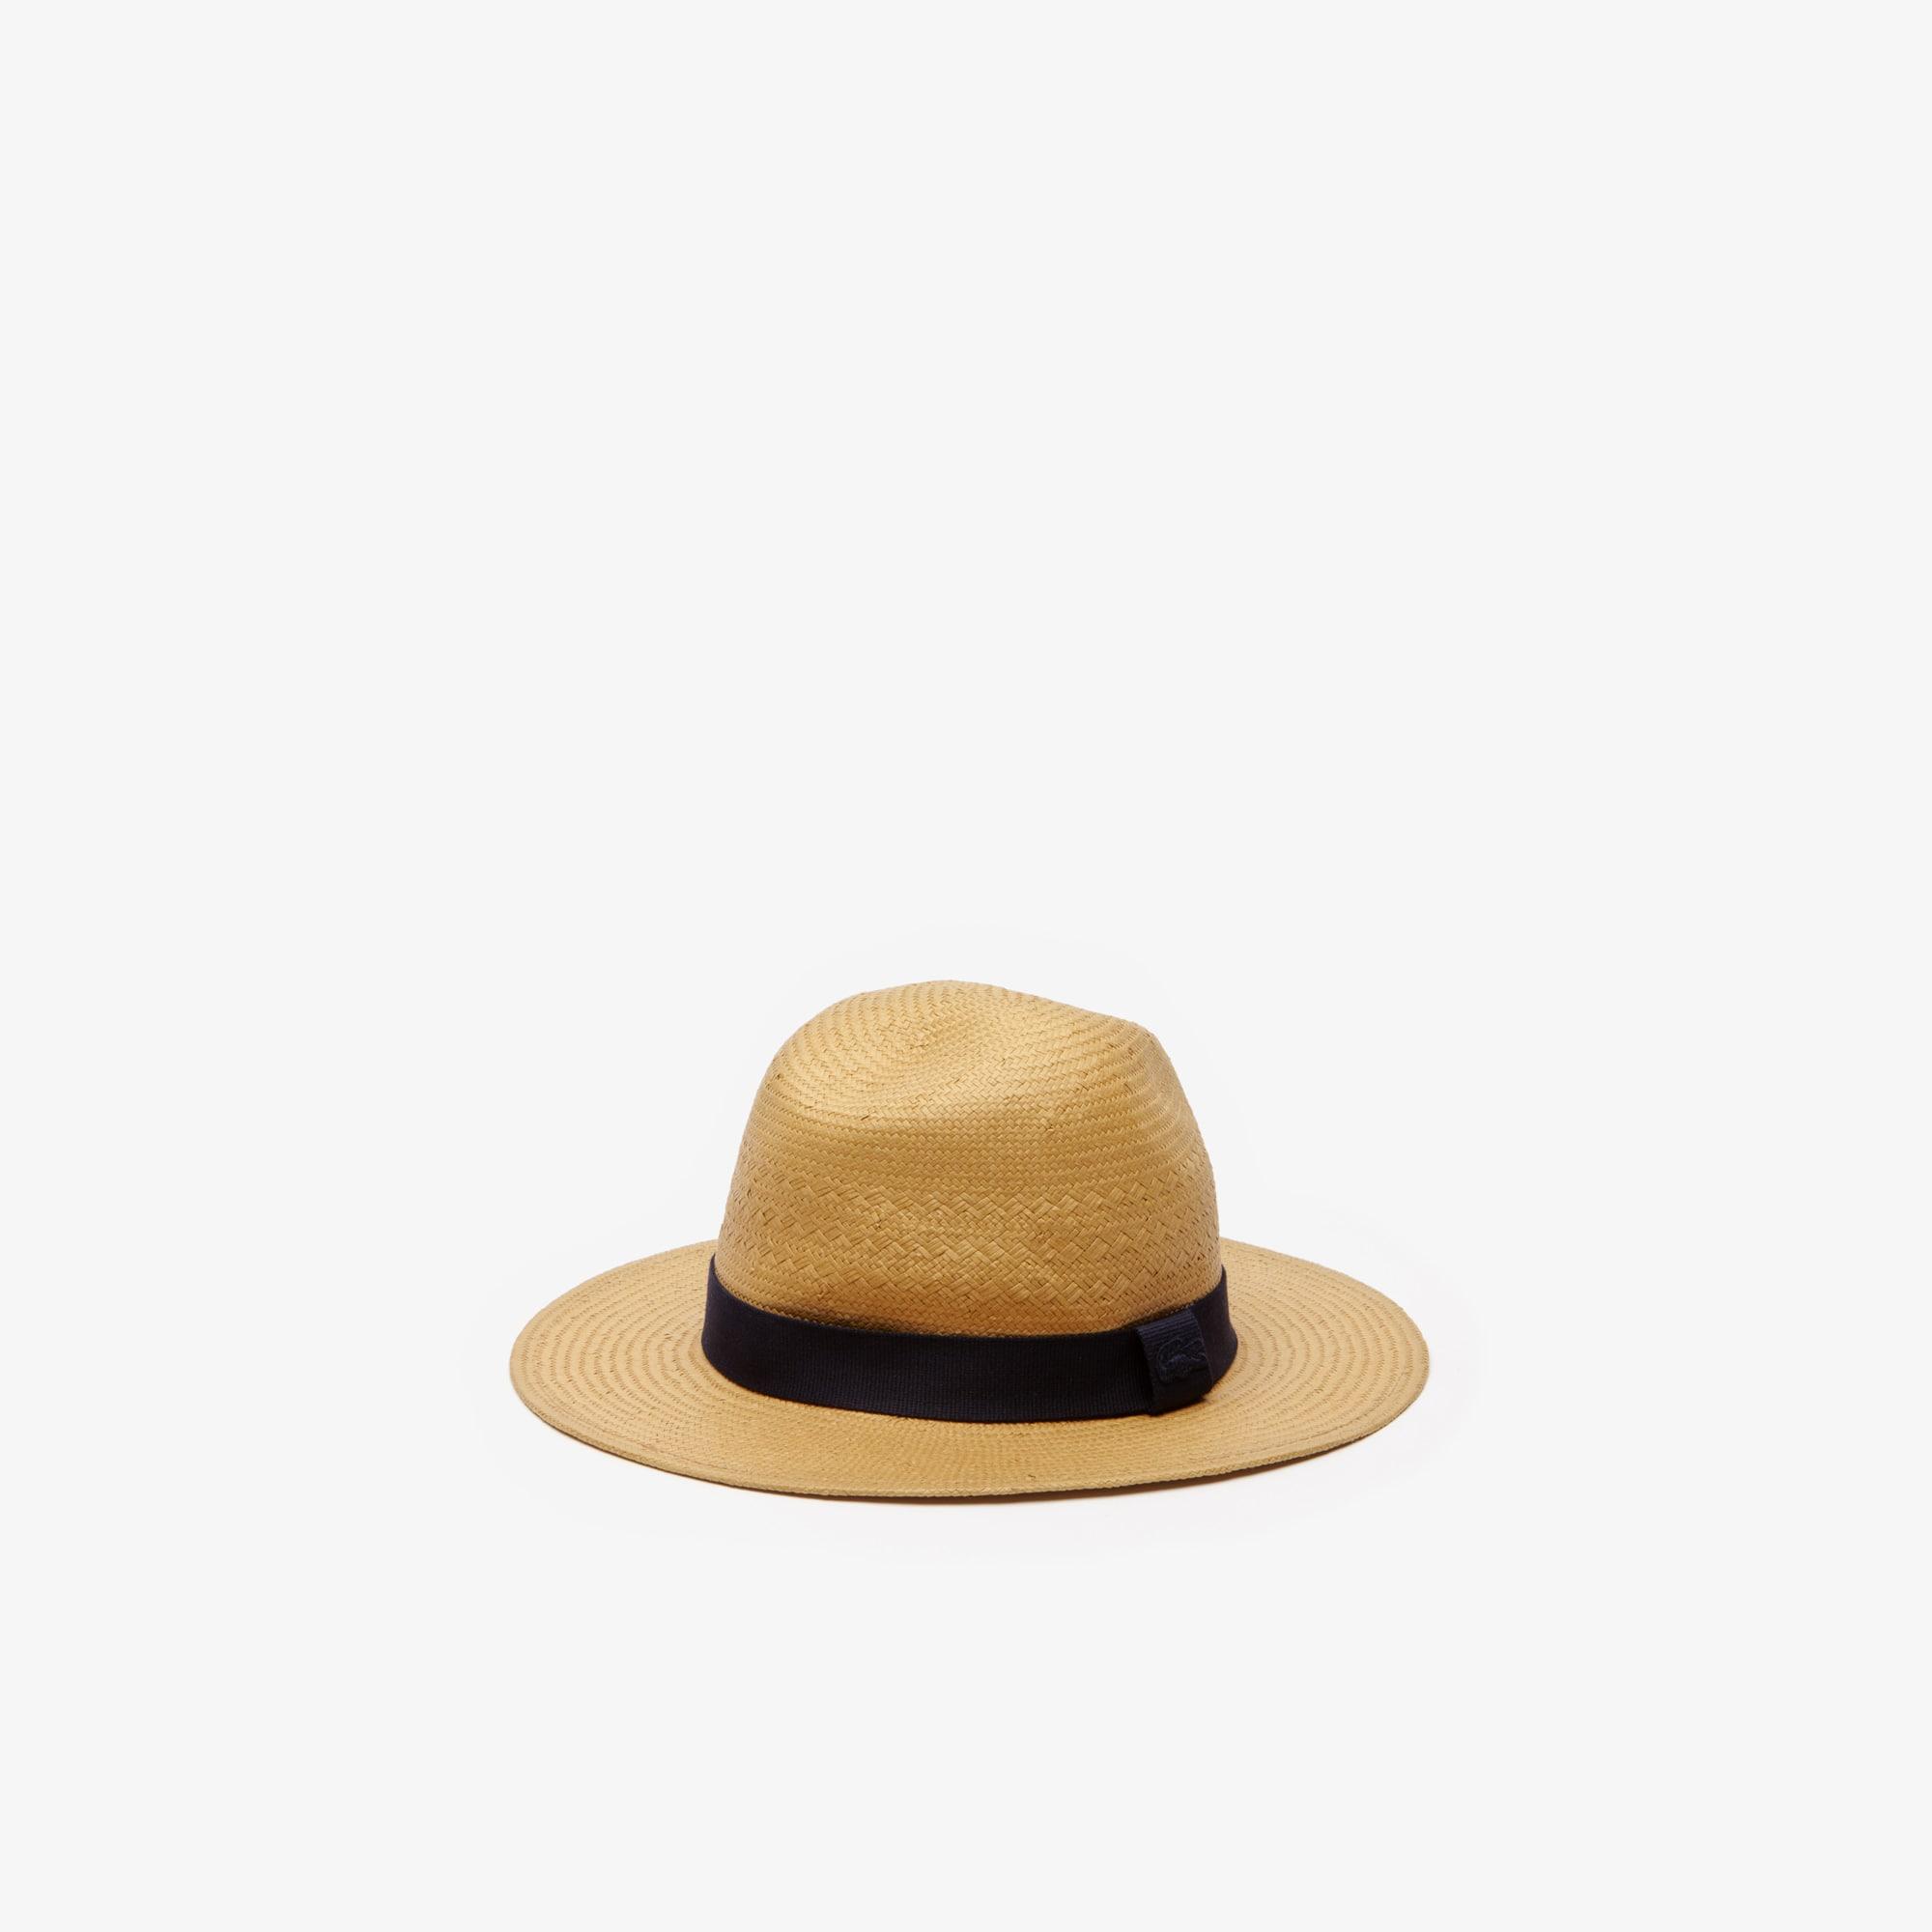 a24da92b87757 Chapéu de palhinha com risca em contraste